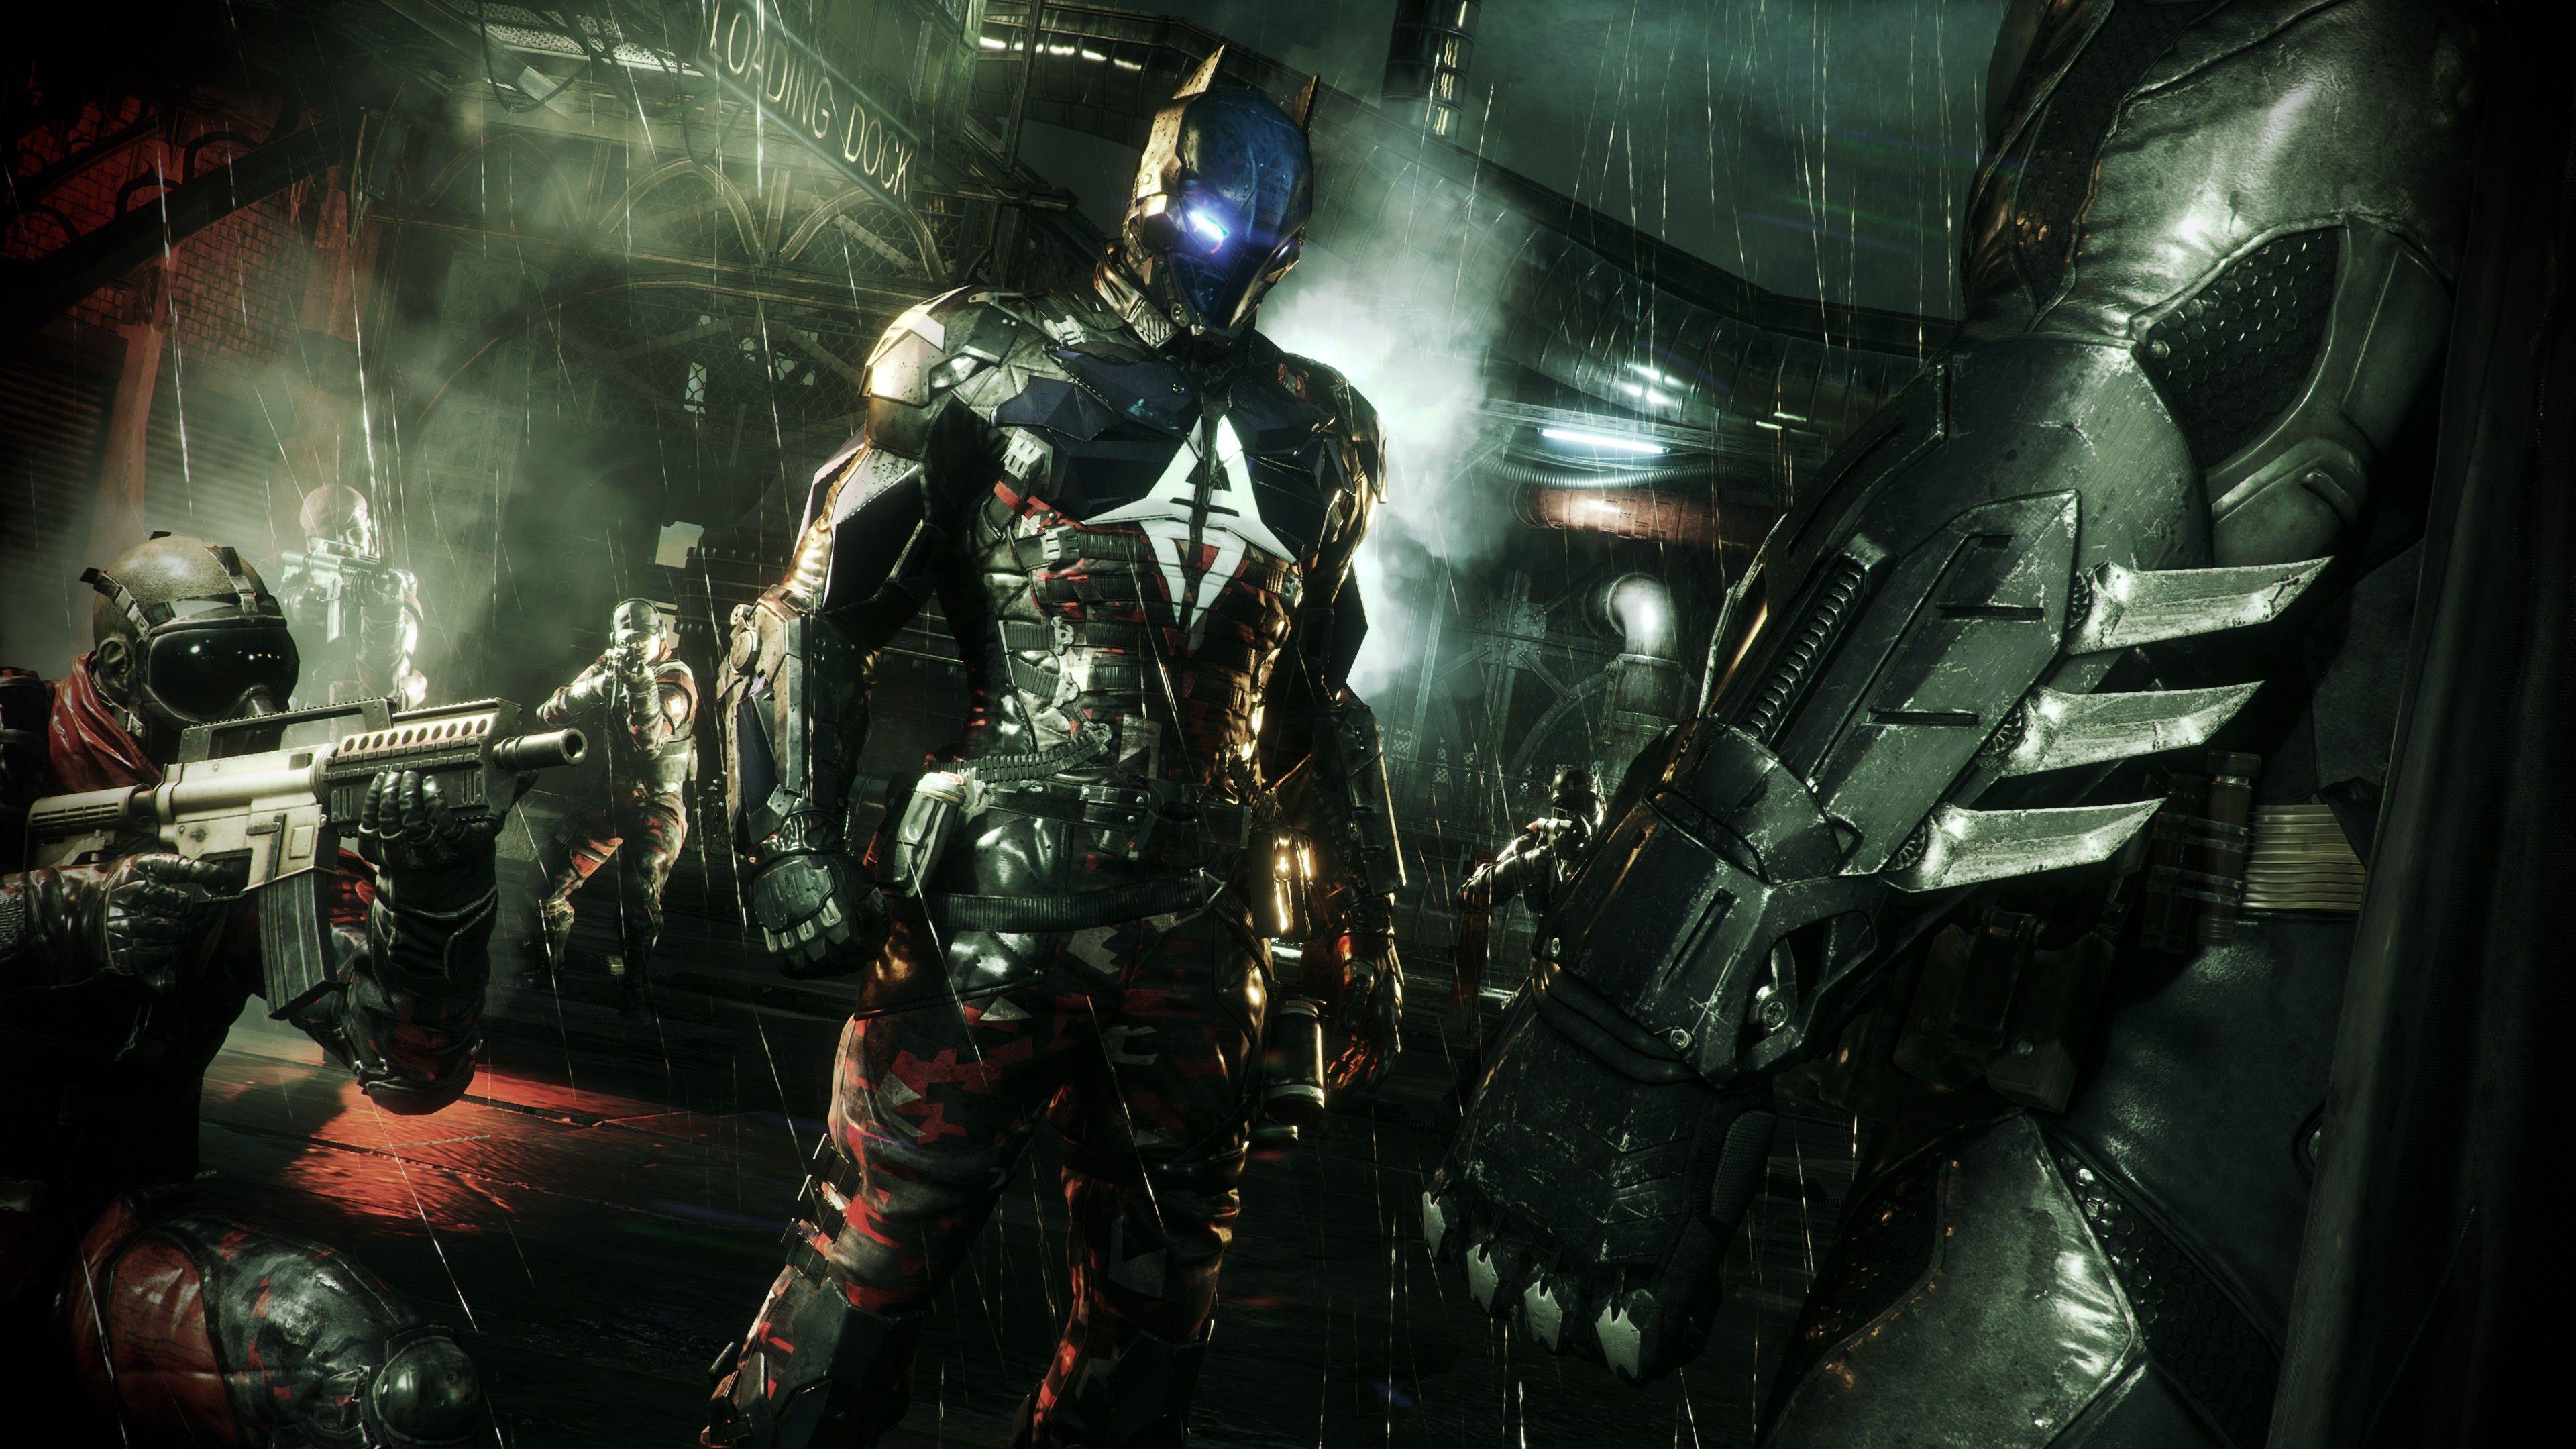 Arkham Knight Hd Wallpapers Dark Knight Ultra Hd 291790